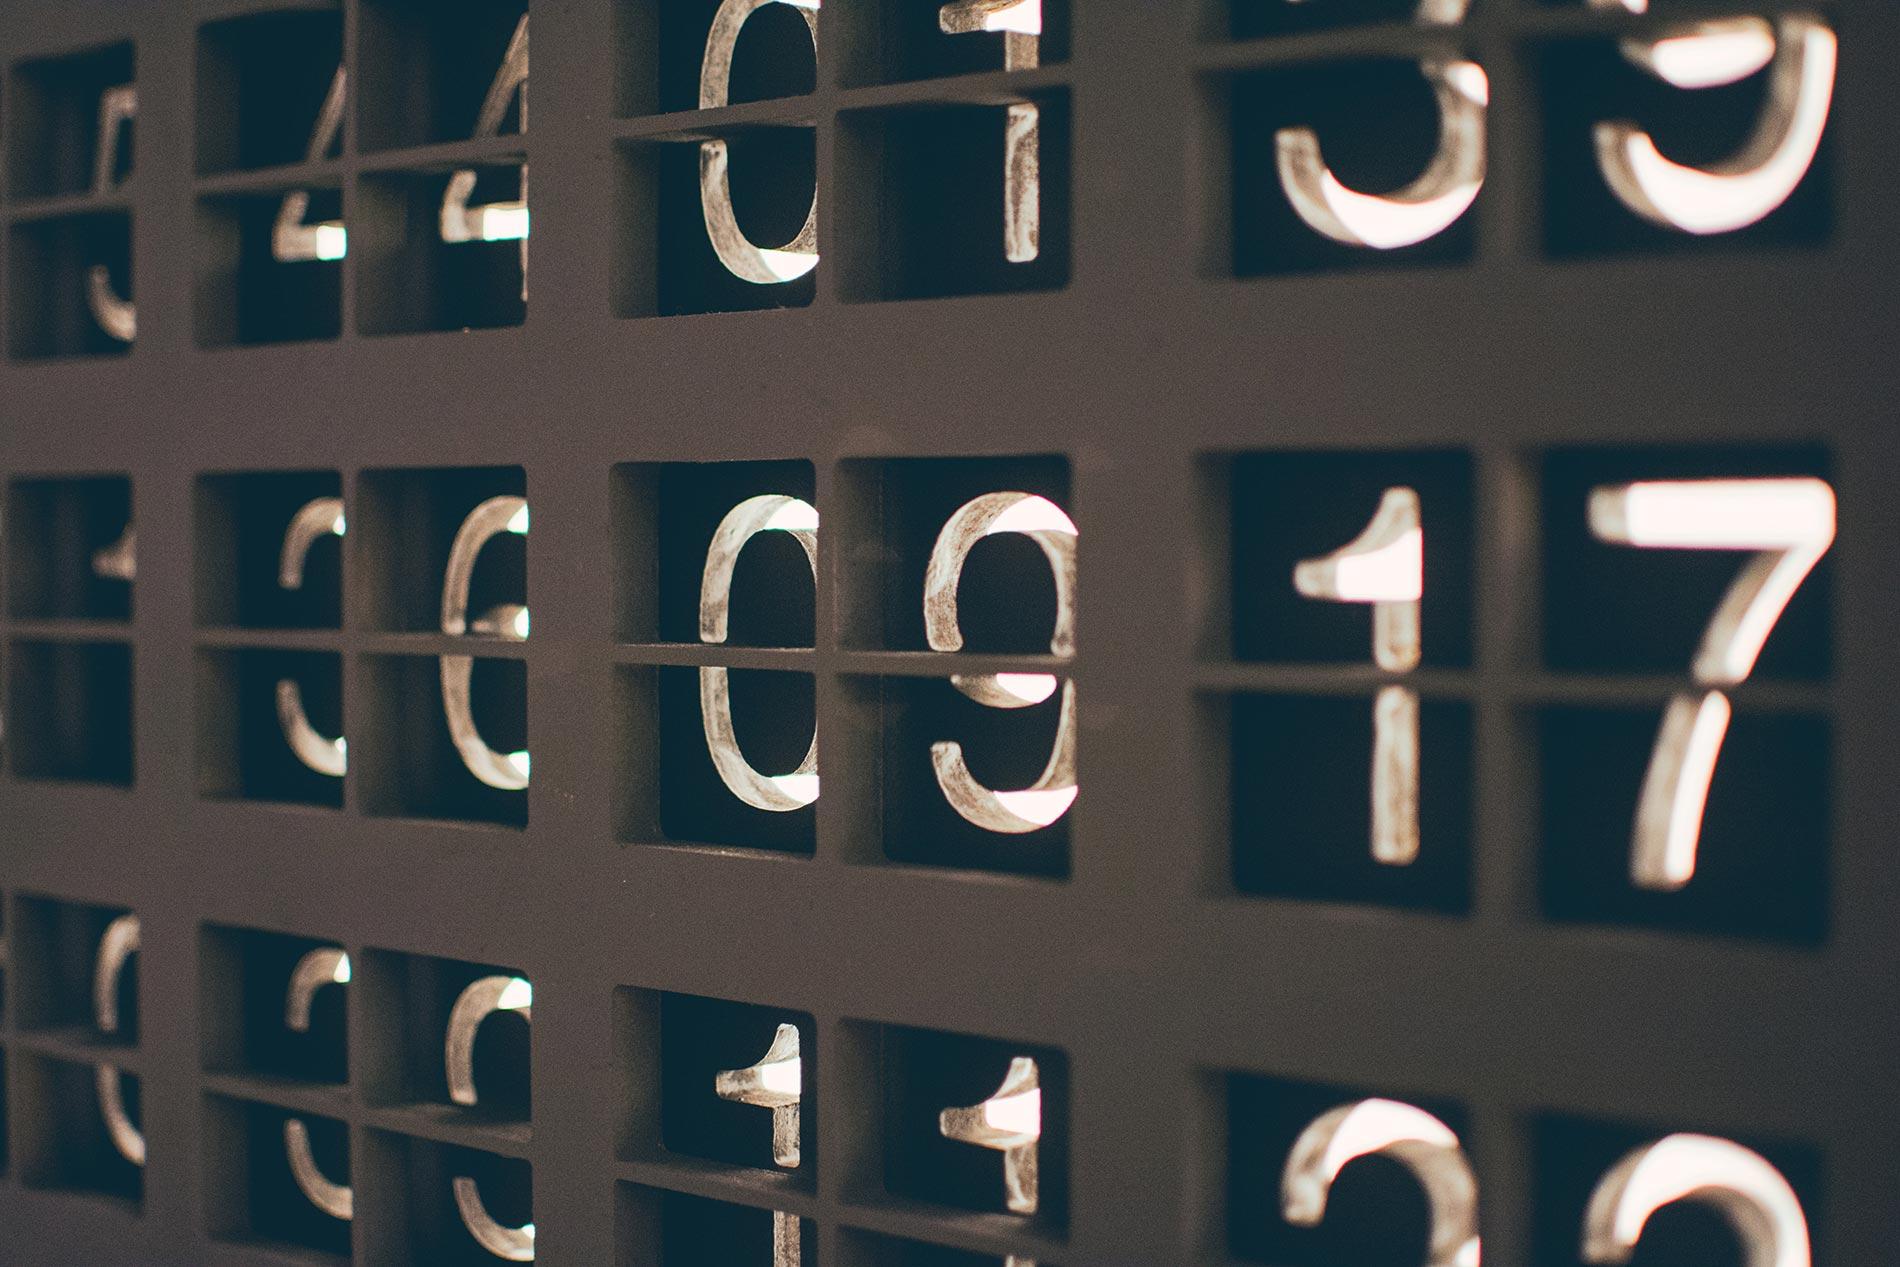 Schaut nicht immer nur auf Zahlen! 5 Gründe, die gegen Statistiken sprechen 4